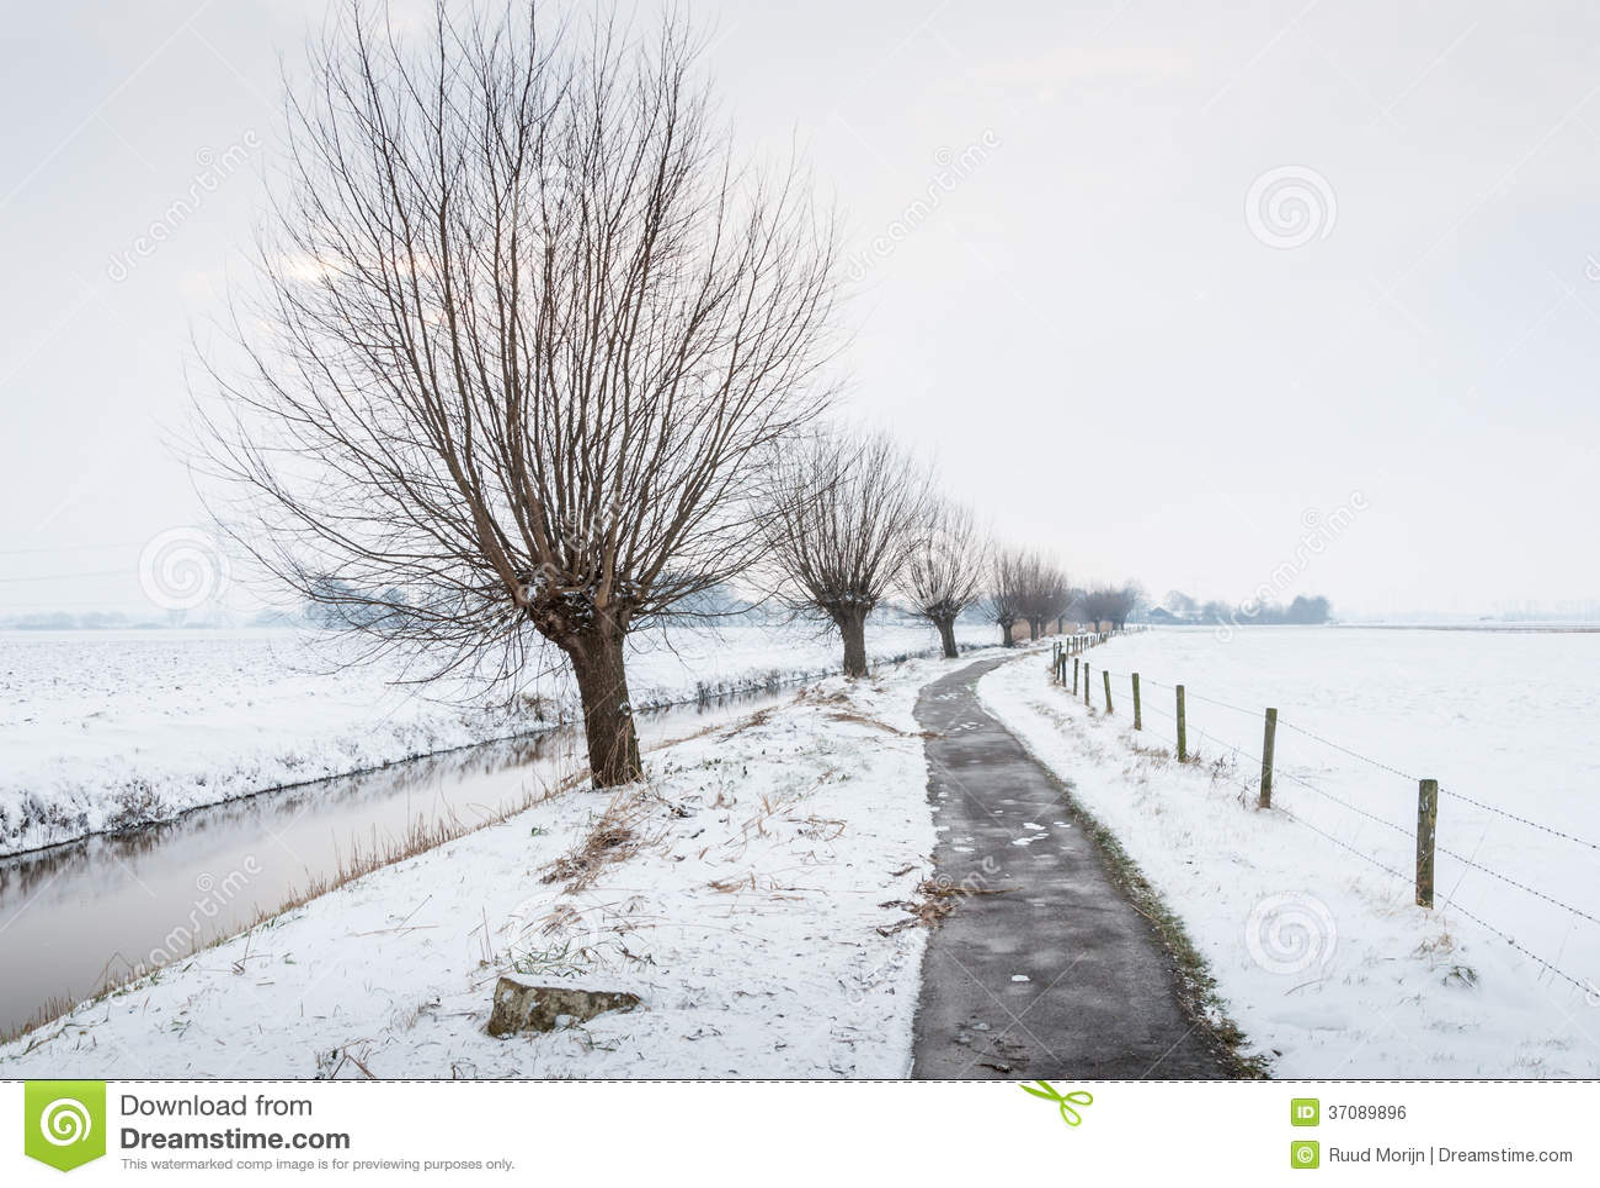 Download Długi Przykop Z Cienkim Lodem W śnieżnym Krajobrazie Zdjęcie Stock - Obraz złożonej z płocha, słupy: 37089896